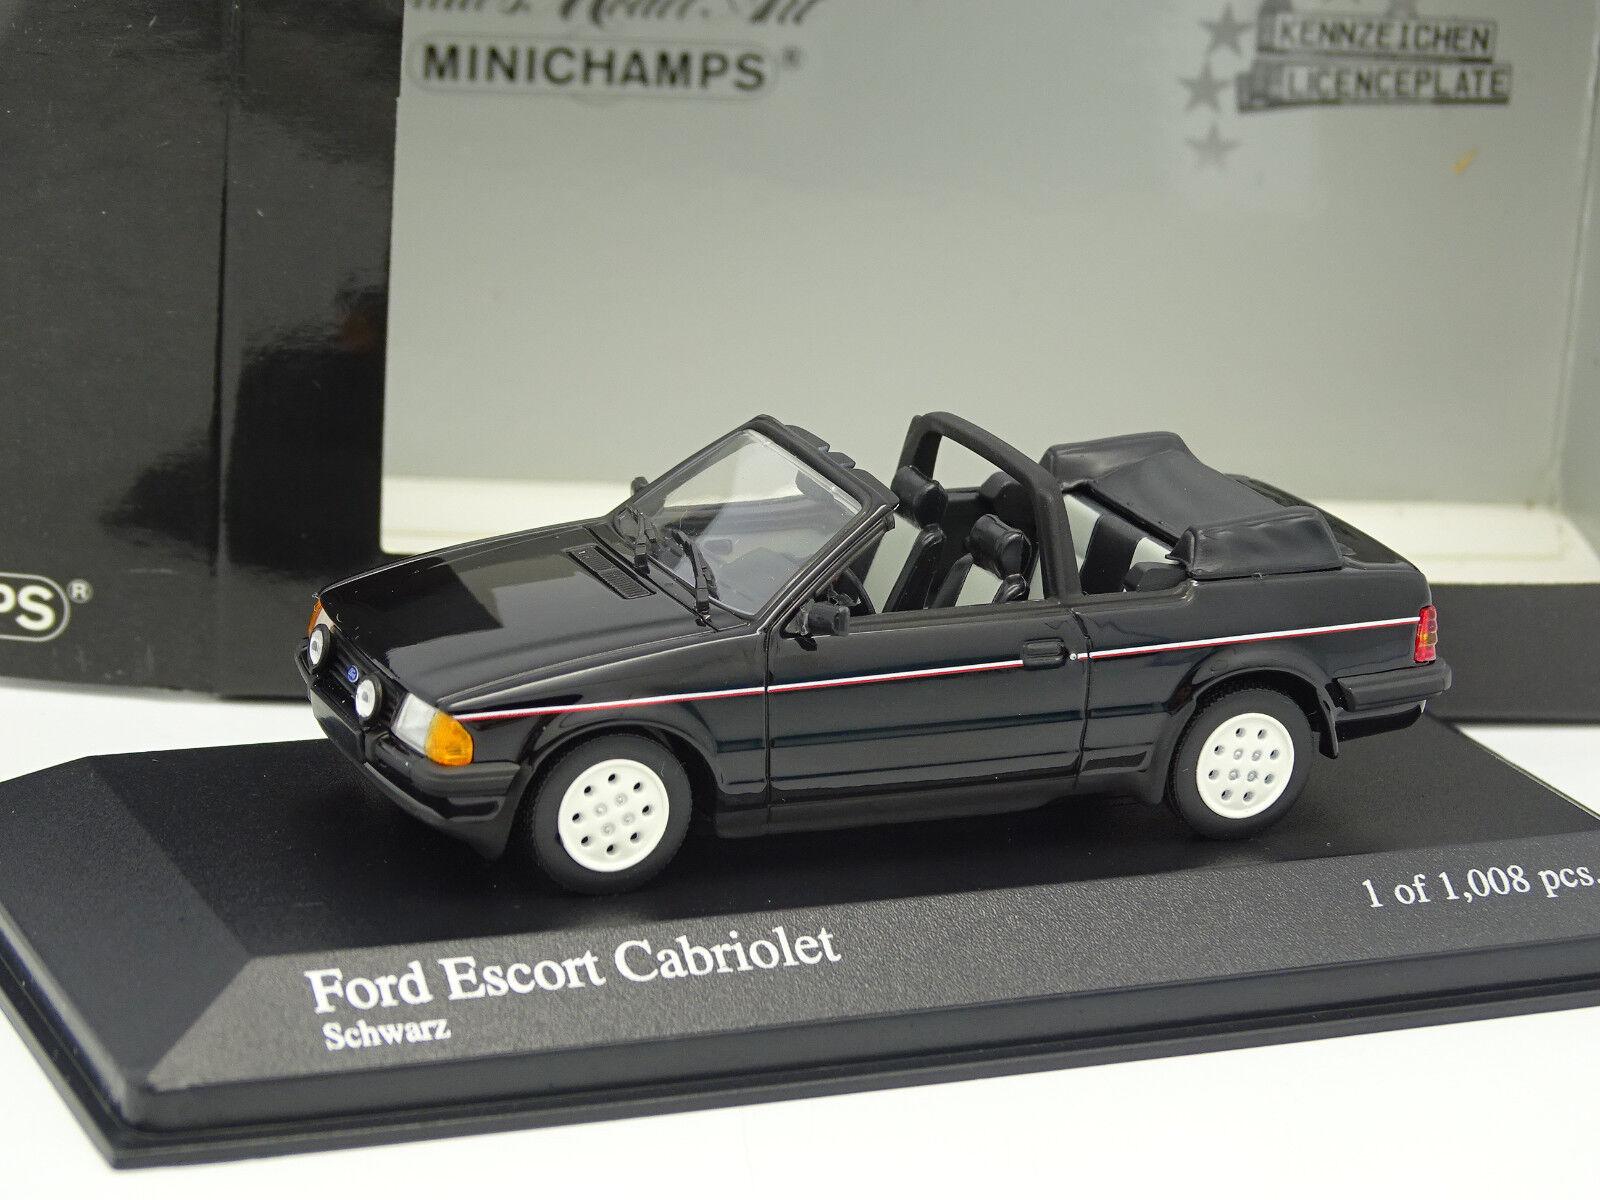 Minichamps 1 43 - Ford Escort Cabriolet Noire